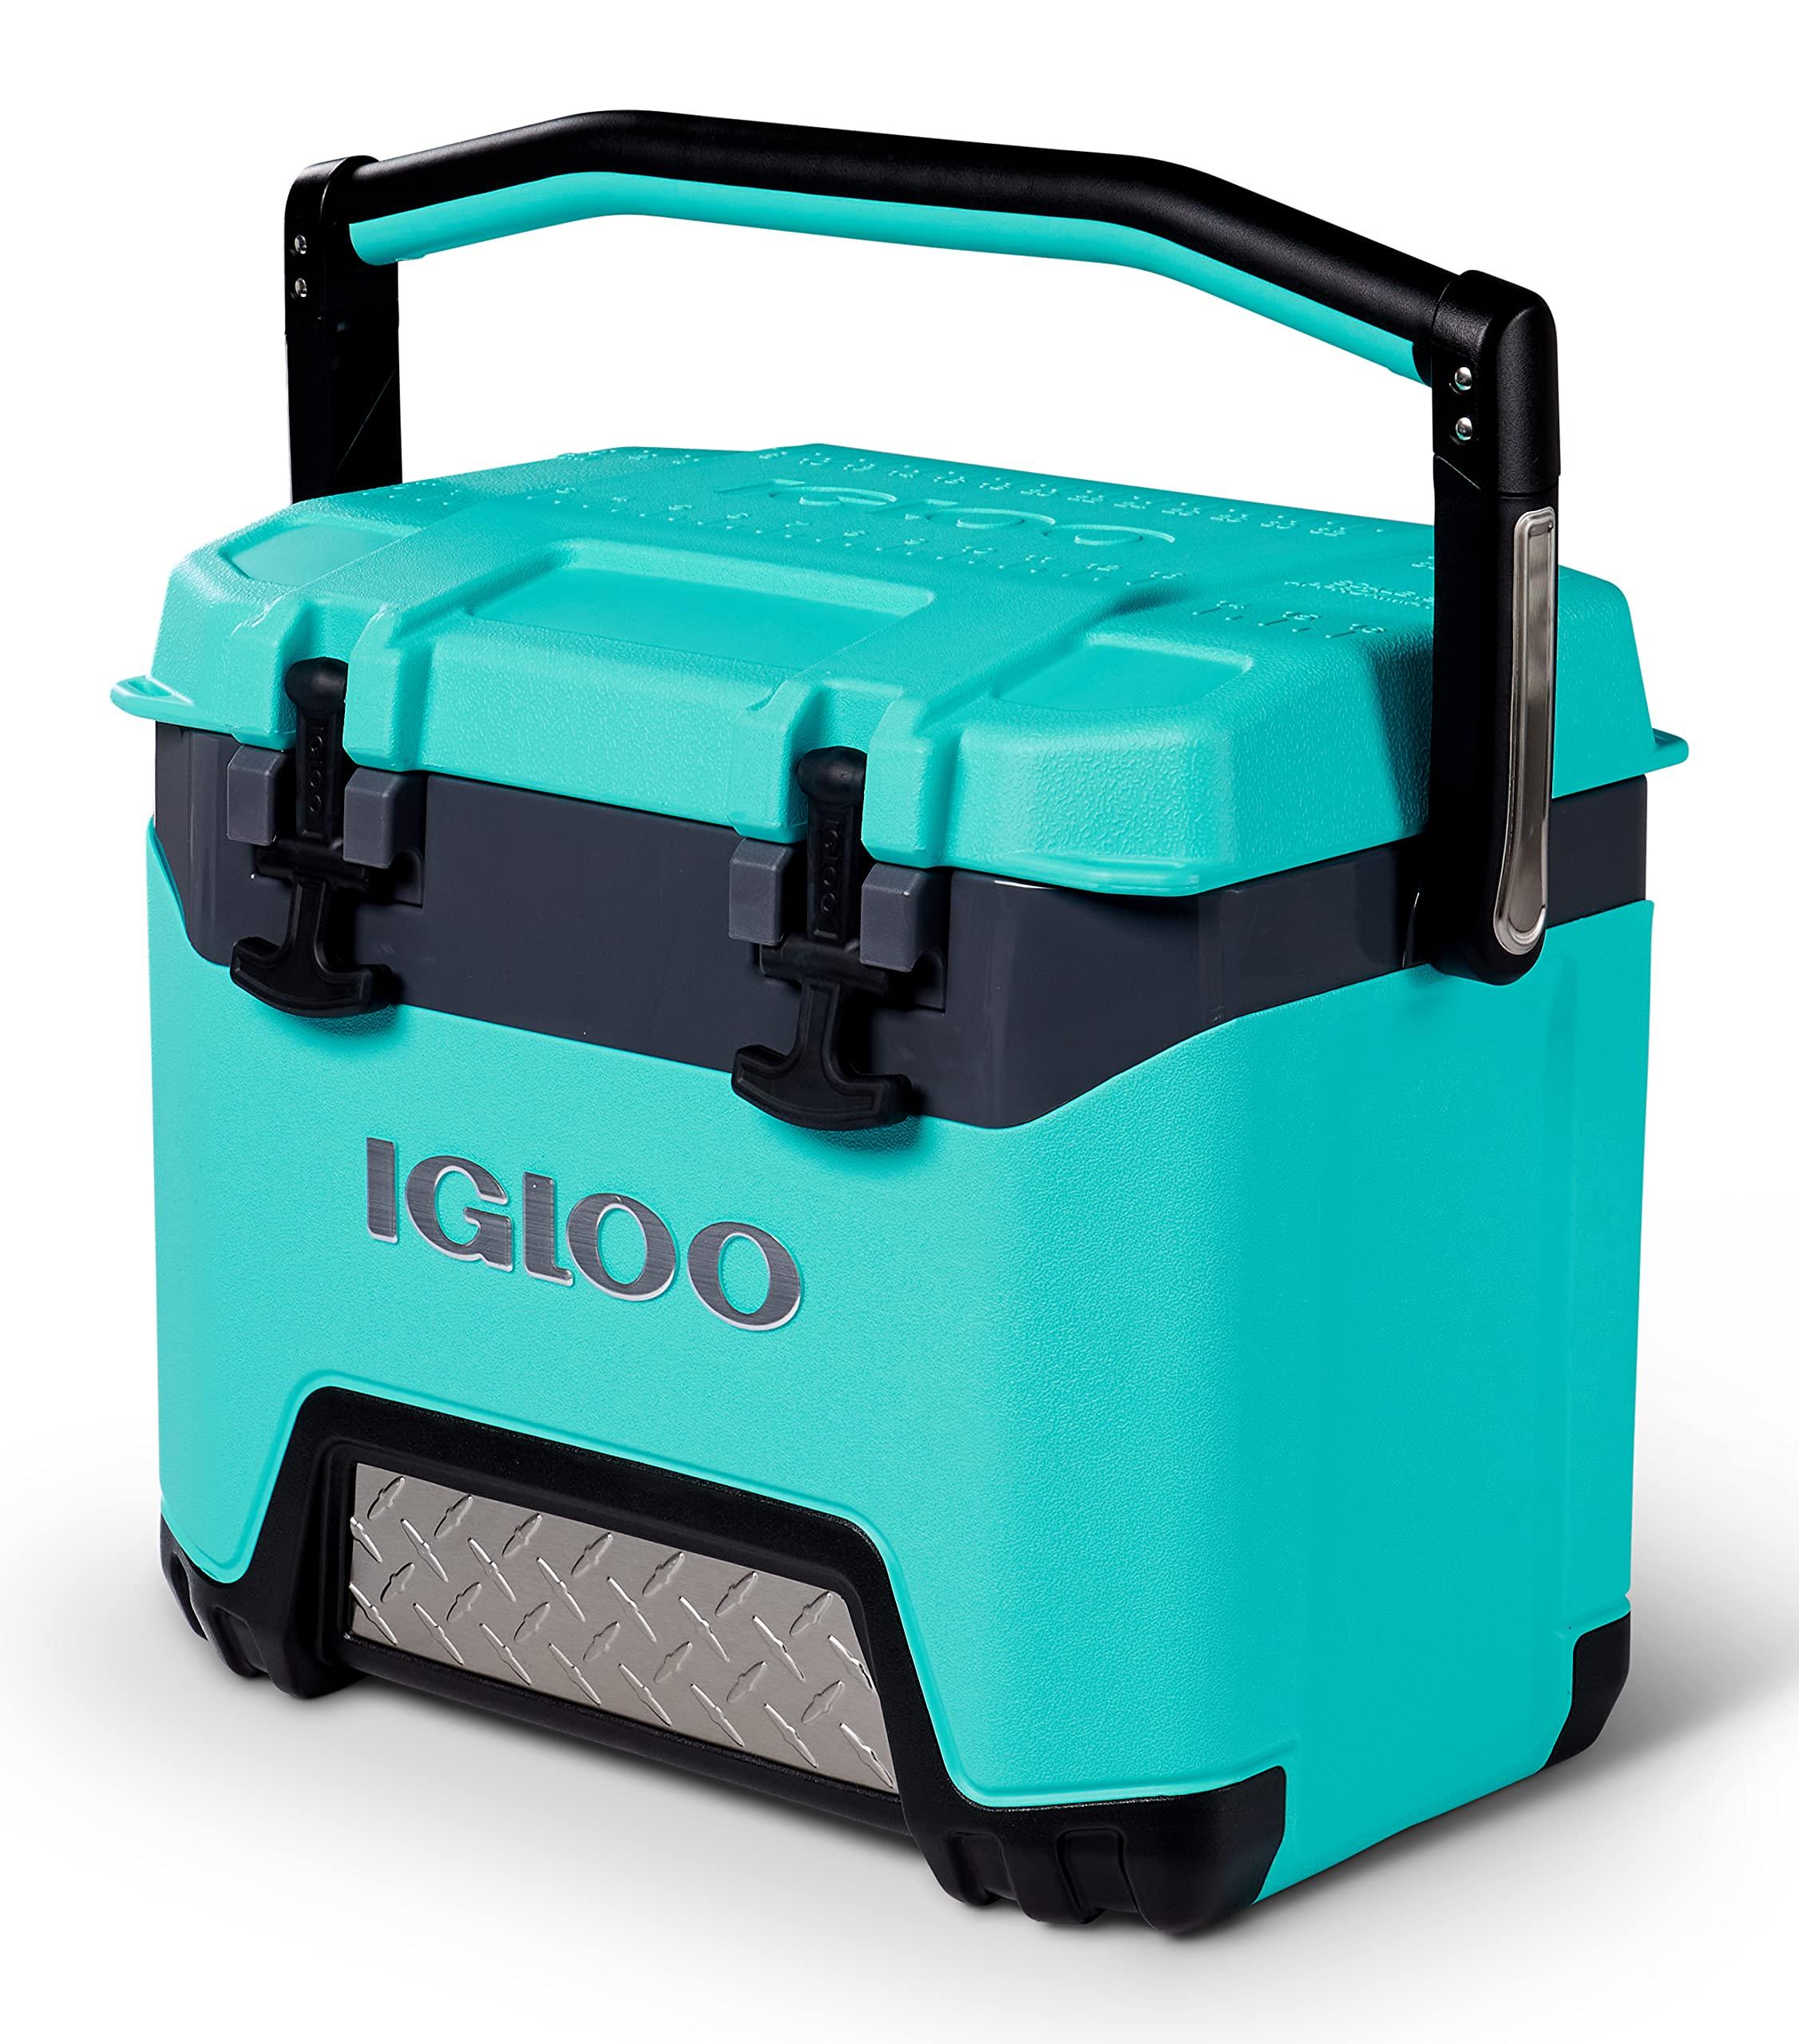 Igloo BMX 25 Quart Cooler with Cool Riser Technology,